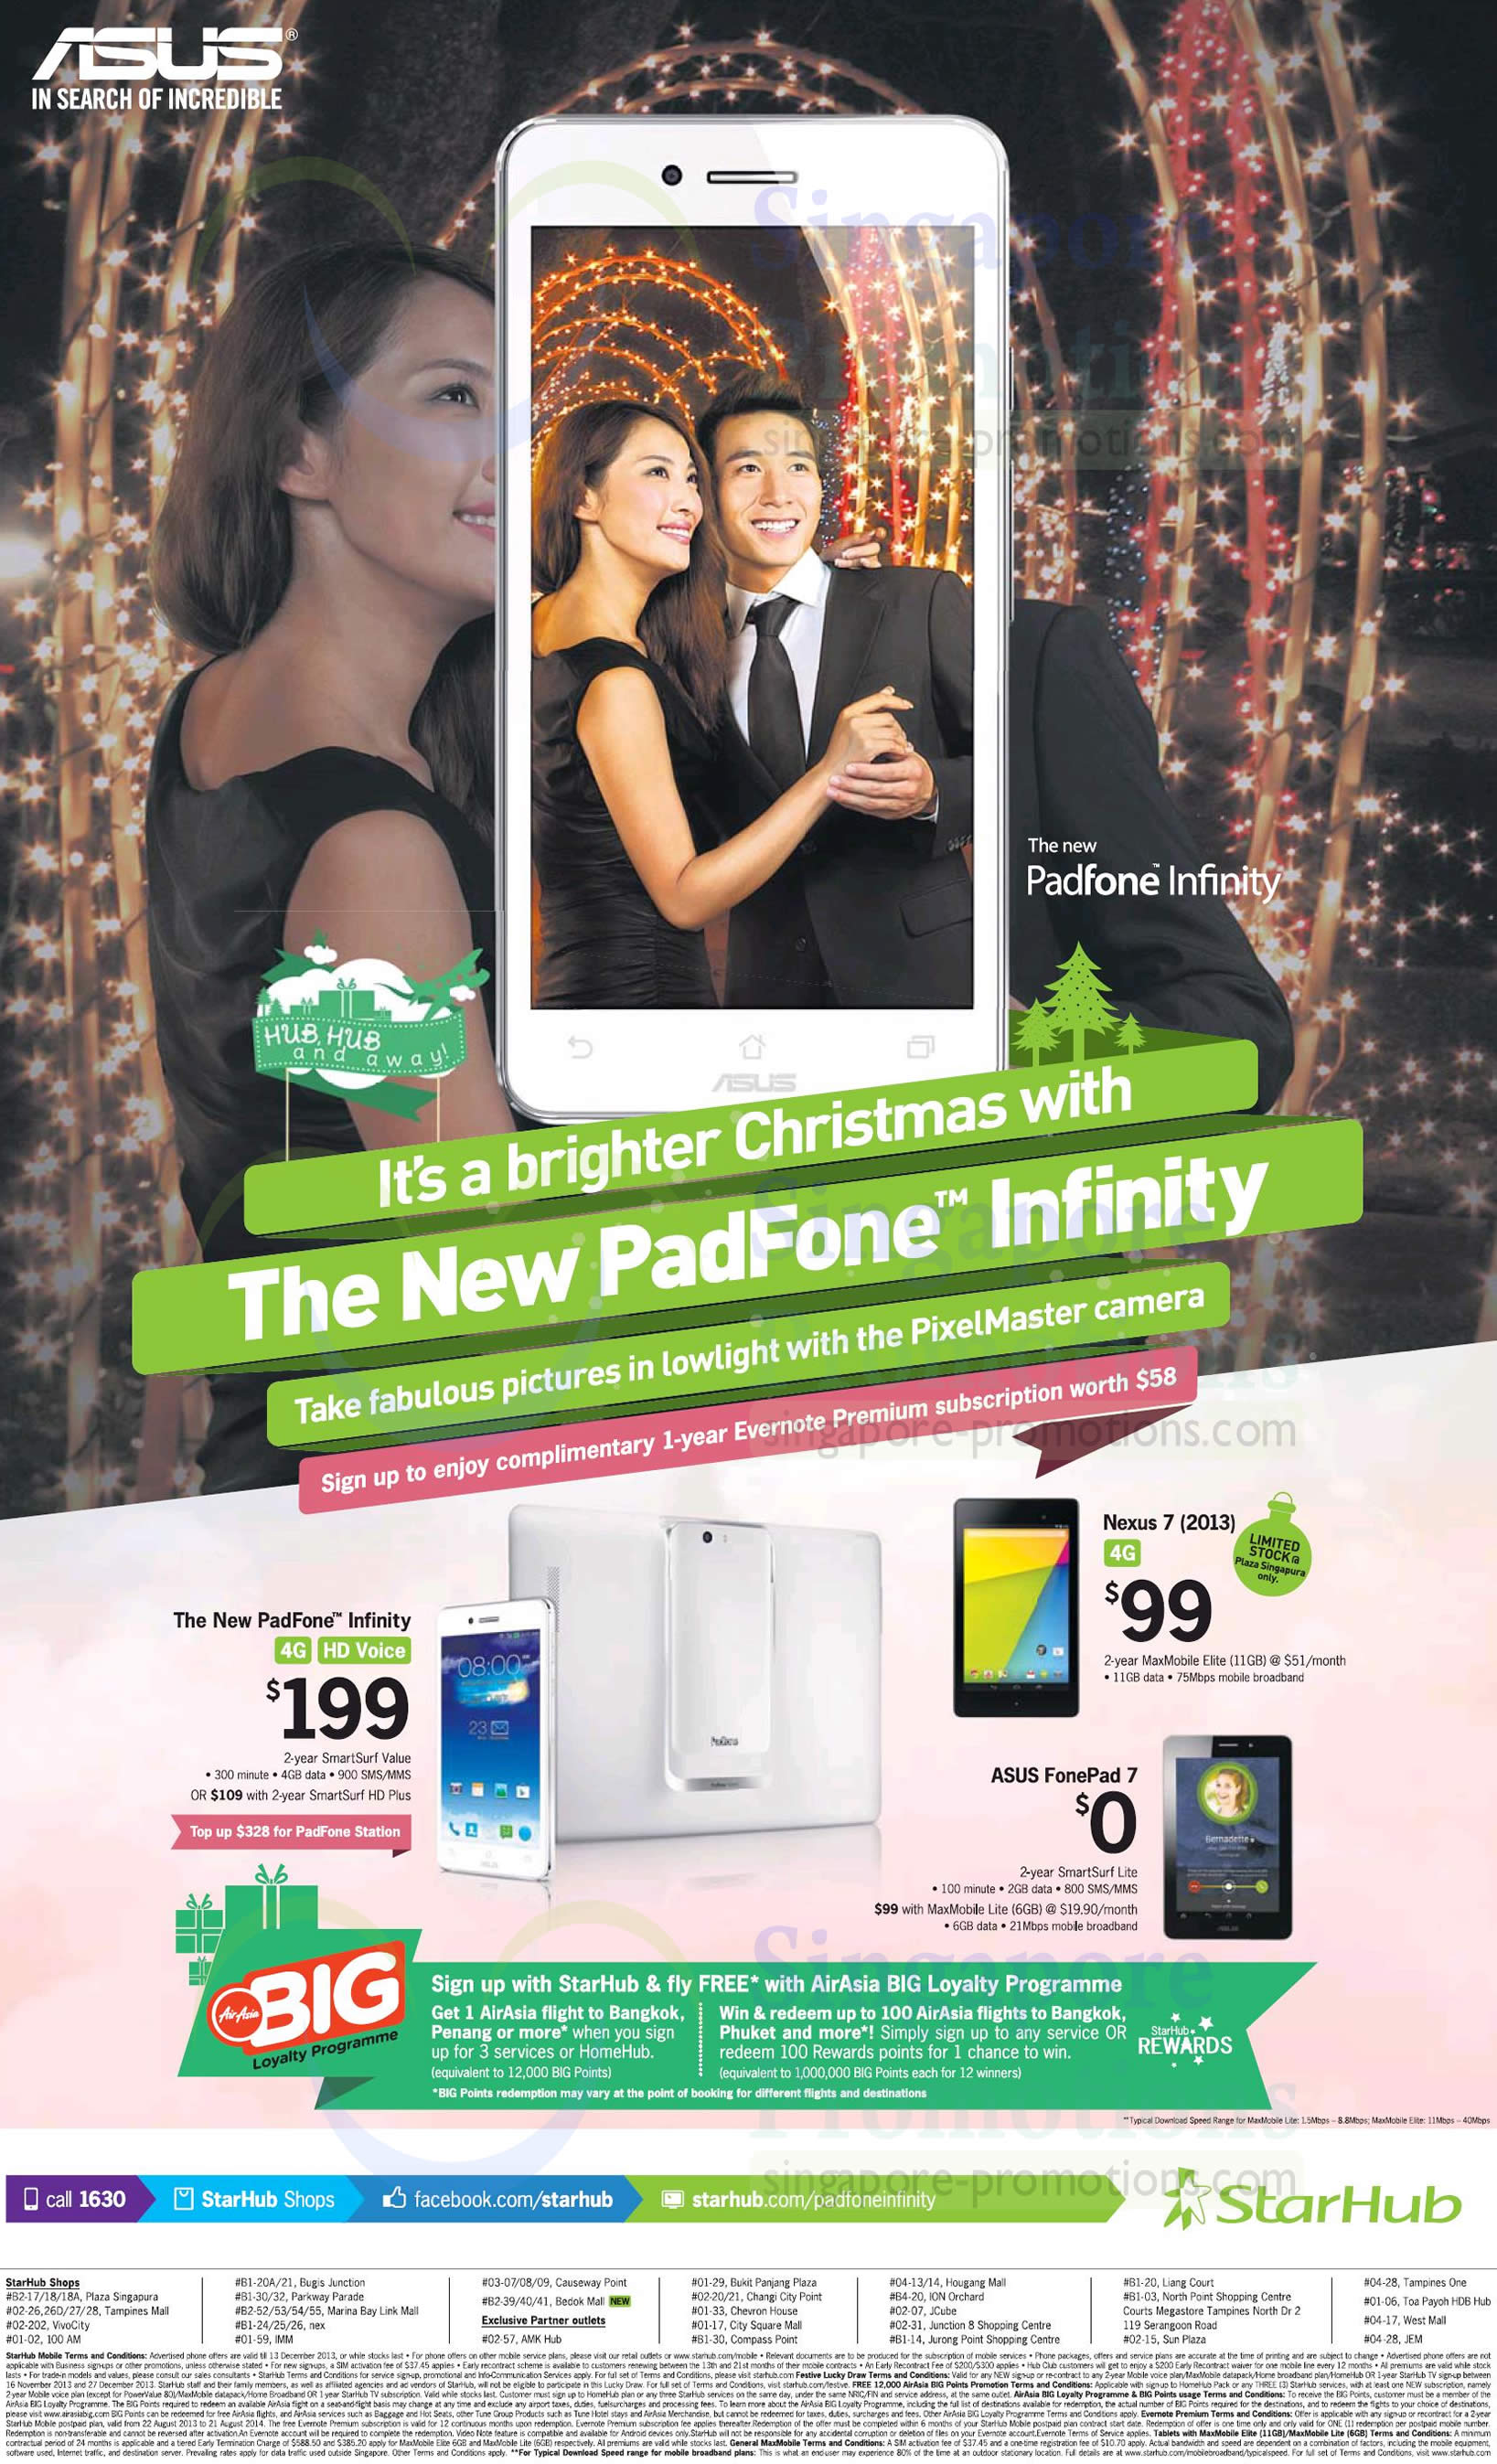 ASUS Nexus 7, ASUS FonePad 7, ASUS Padfone Infinity